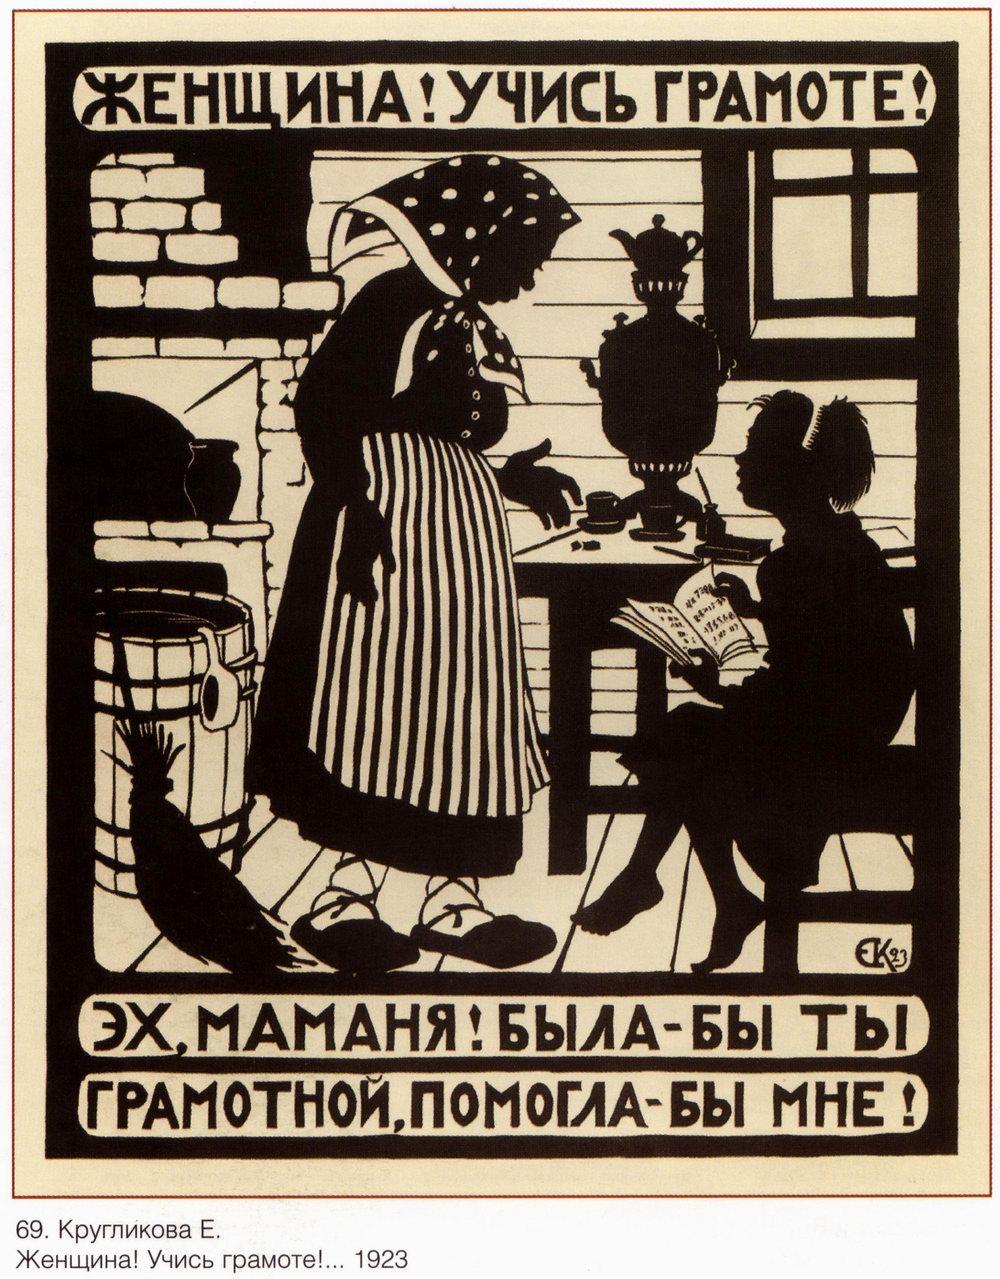 I read the Soviet propaganda 49